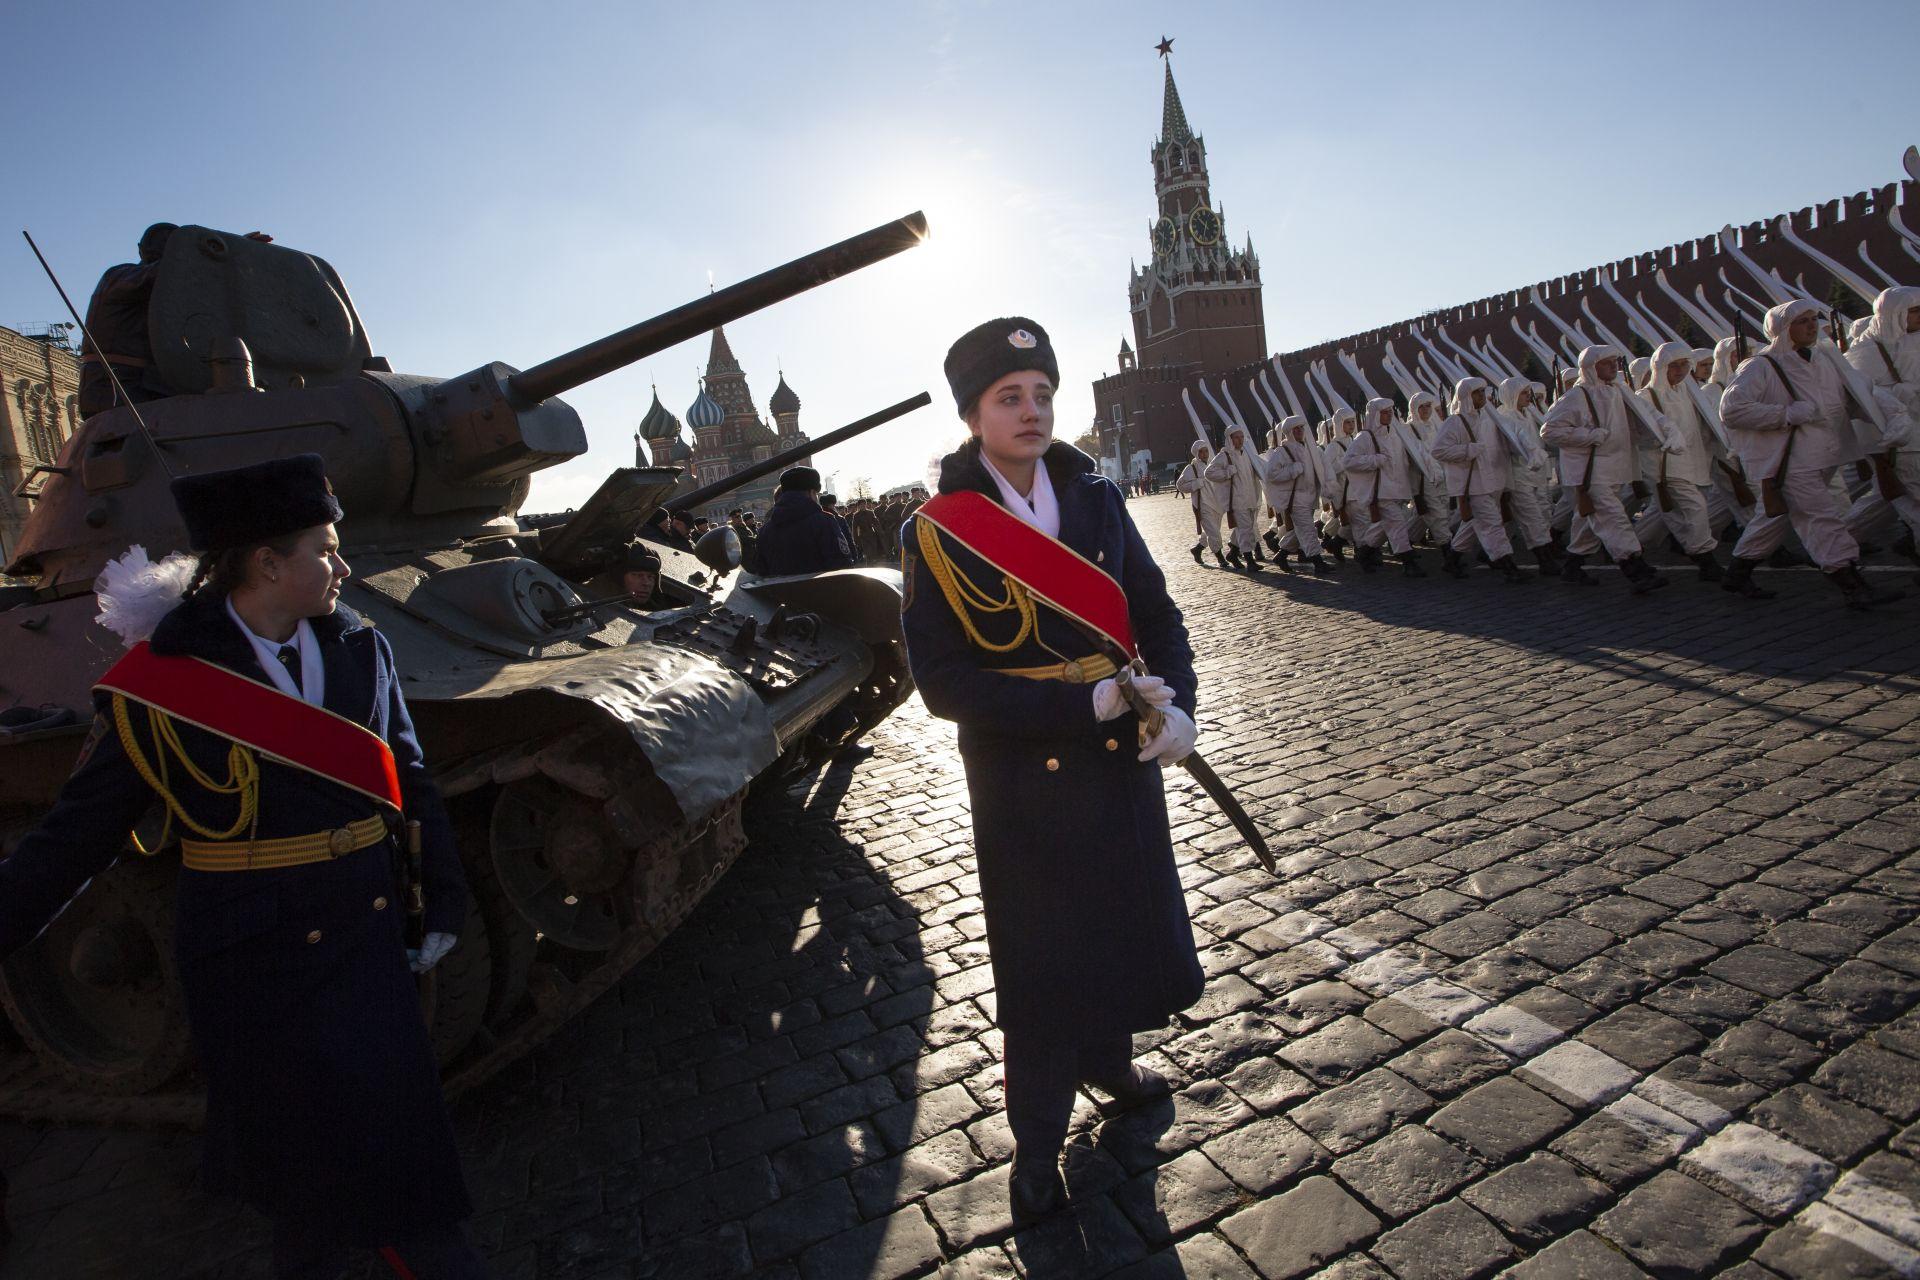 Възстановка на историческия парад от 1941 г. в Москва